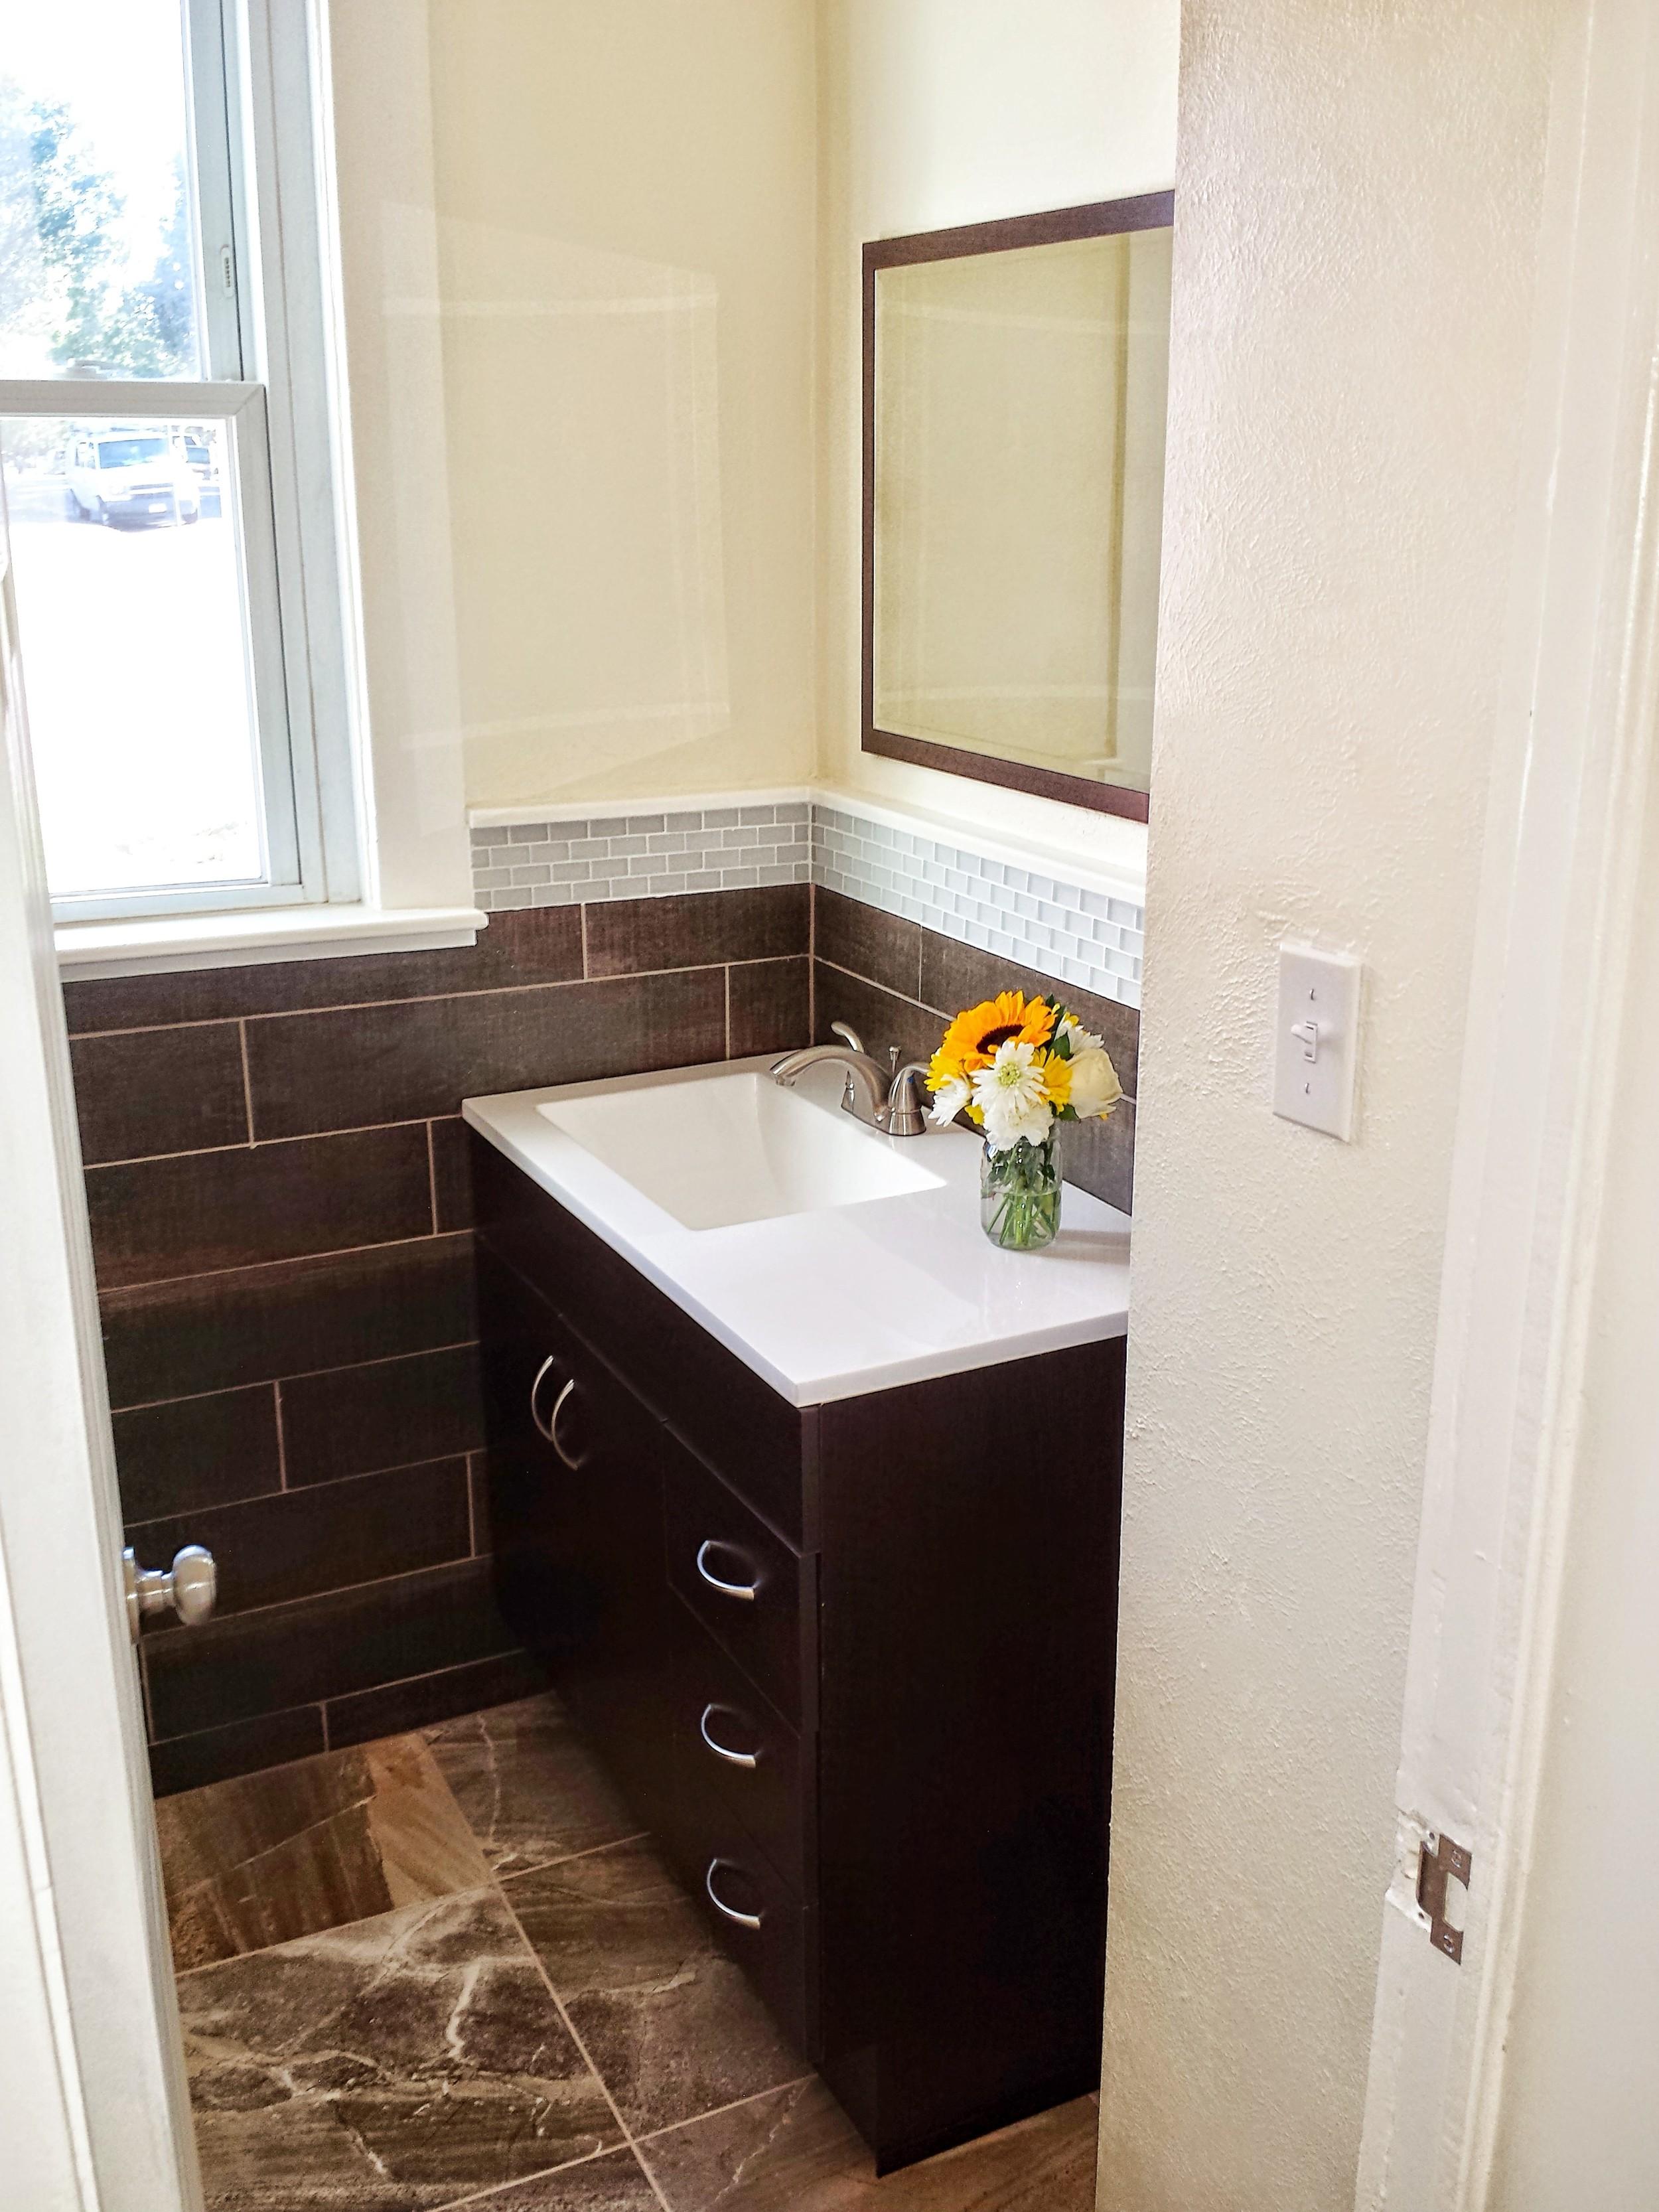 Downstairs Bathroom.jpg